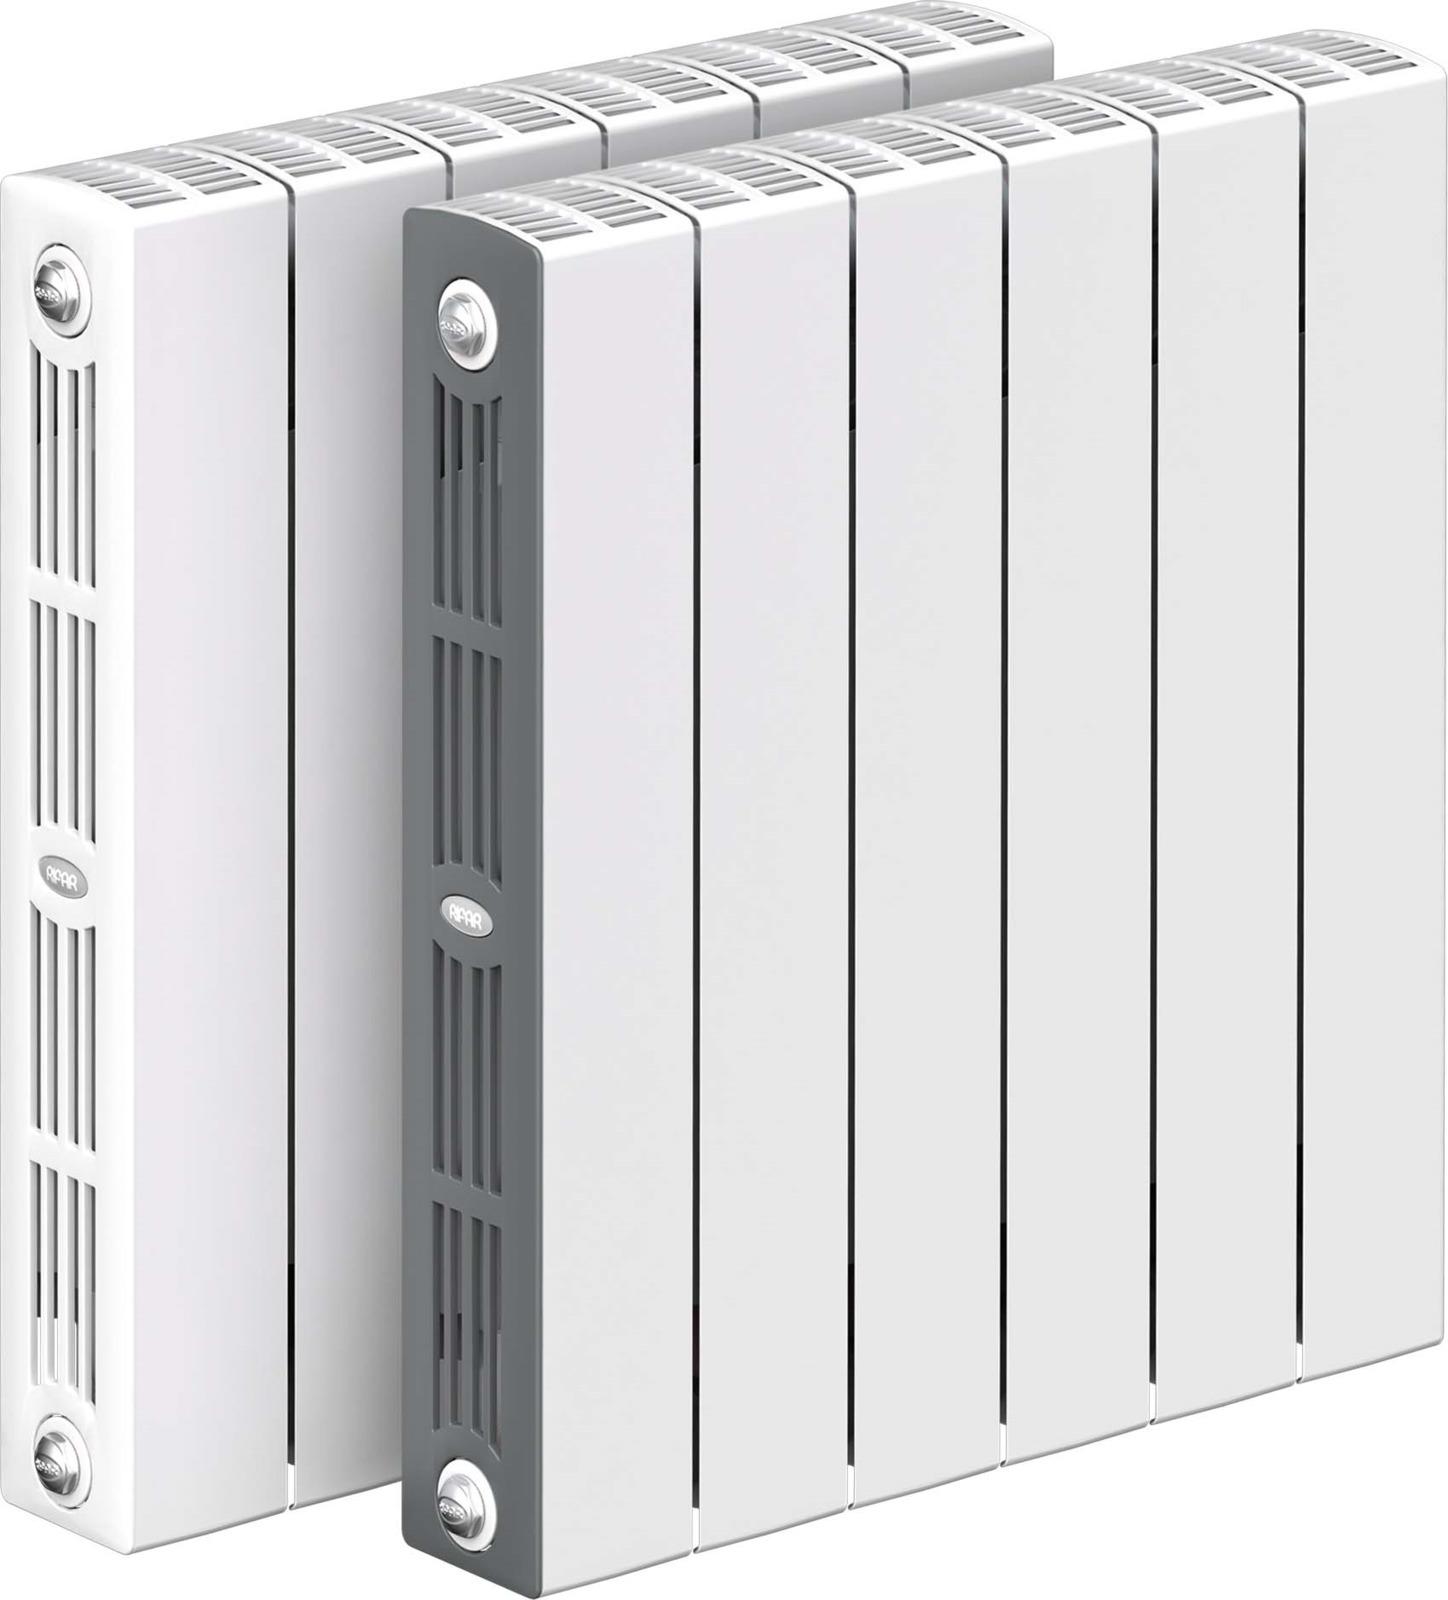 Секционный радиатор Rifar Supremo 350, биметаллический, RIFAR S 350-10, белый, 10 секций